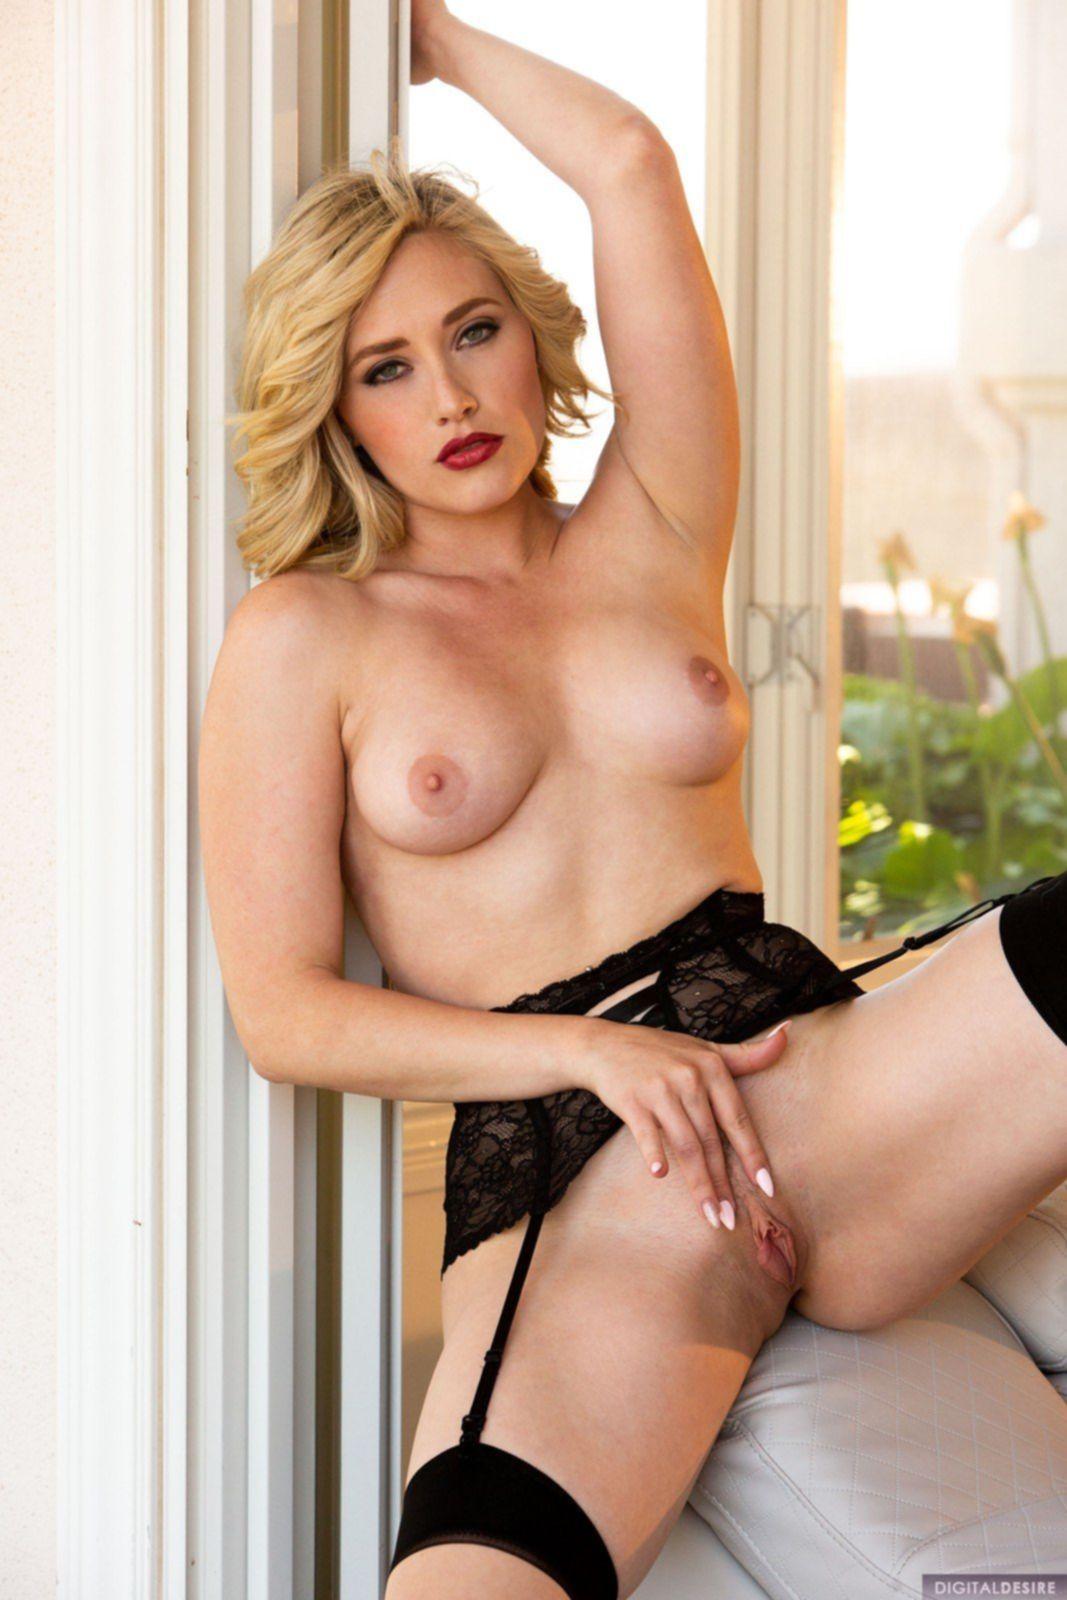 Развратная блондинка в чулках и нижнем белье на диване - фото